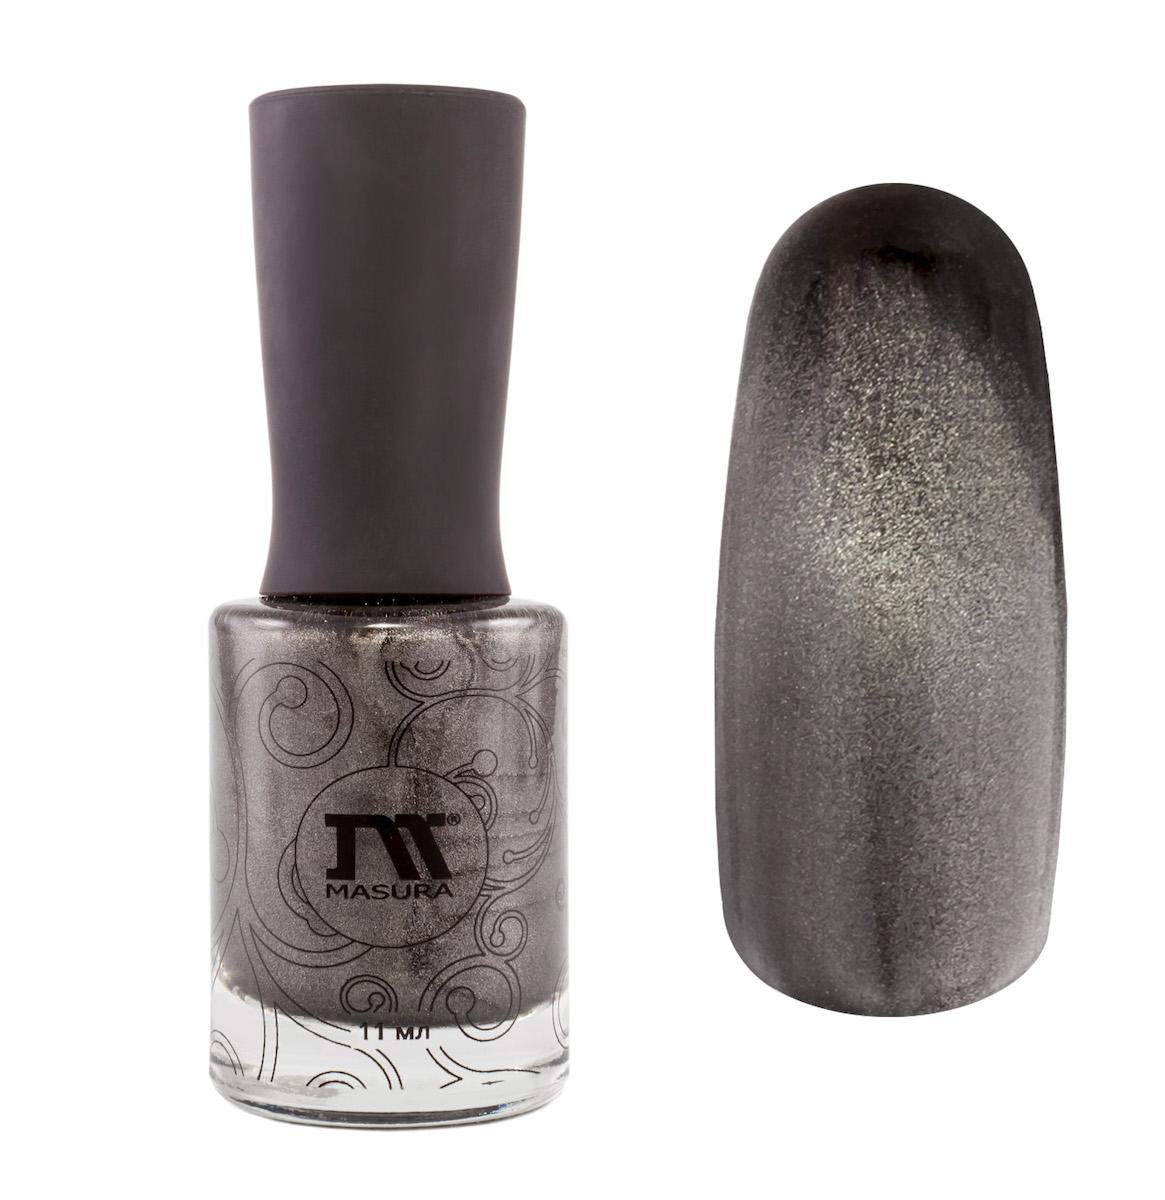 Masura Лак для ногтей Неограненный Алмаз, 11 мл904-117дымчатый.Магнит в комплект не входит.